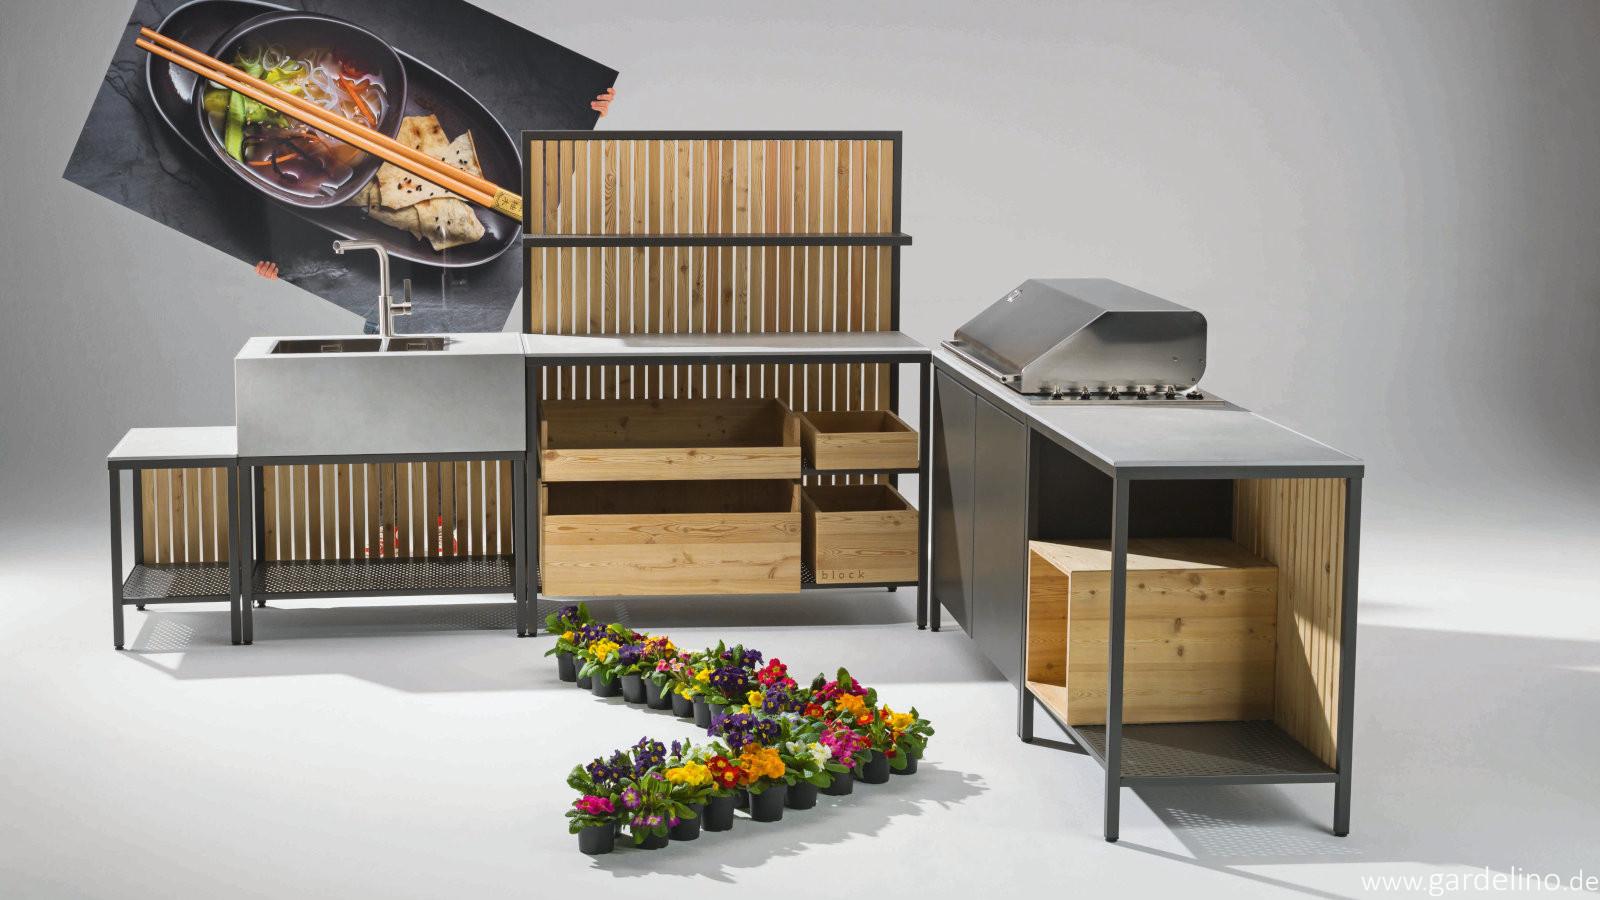 Outdoor Küche Kaufmann : Outdoor küche von röshults bild schÖner wohnen